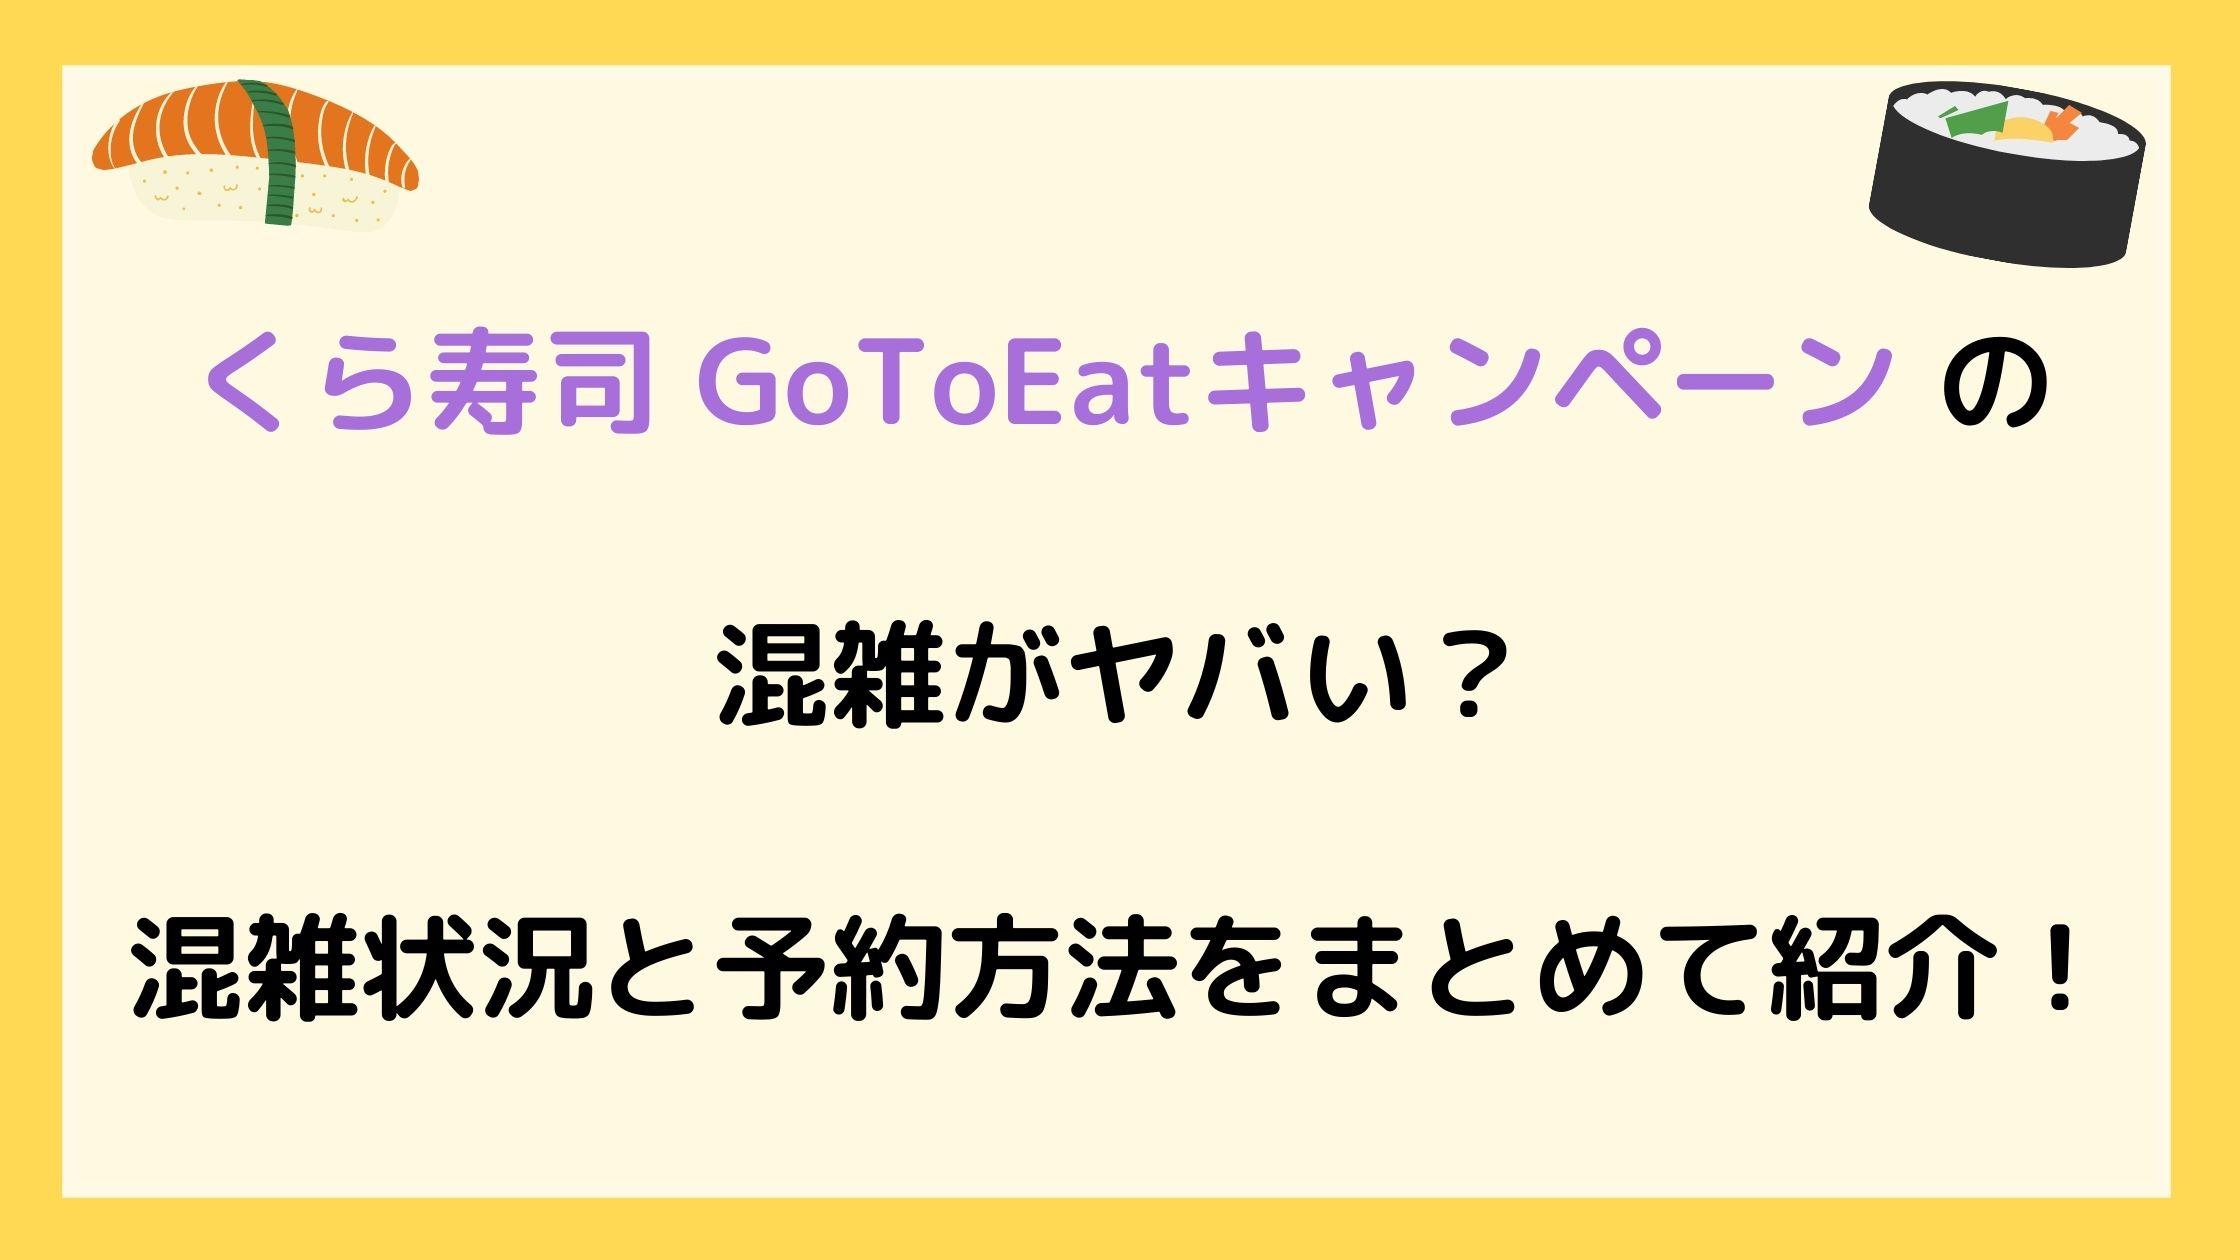 くら寿司GoToEatの混雑がヤバい?混雑状況と予約方法をまとめて紹介!